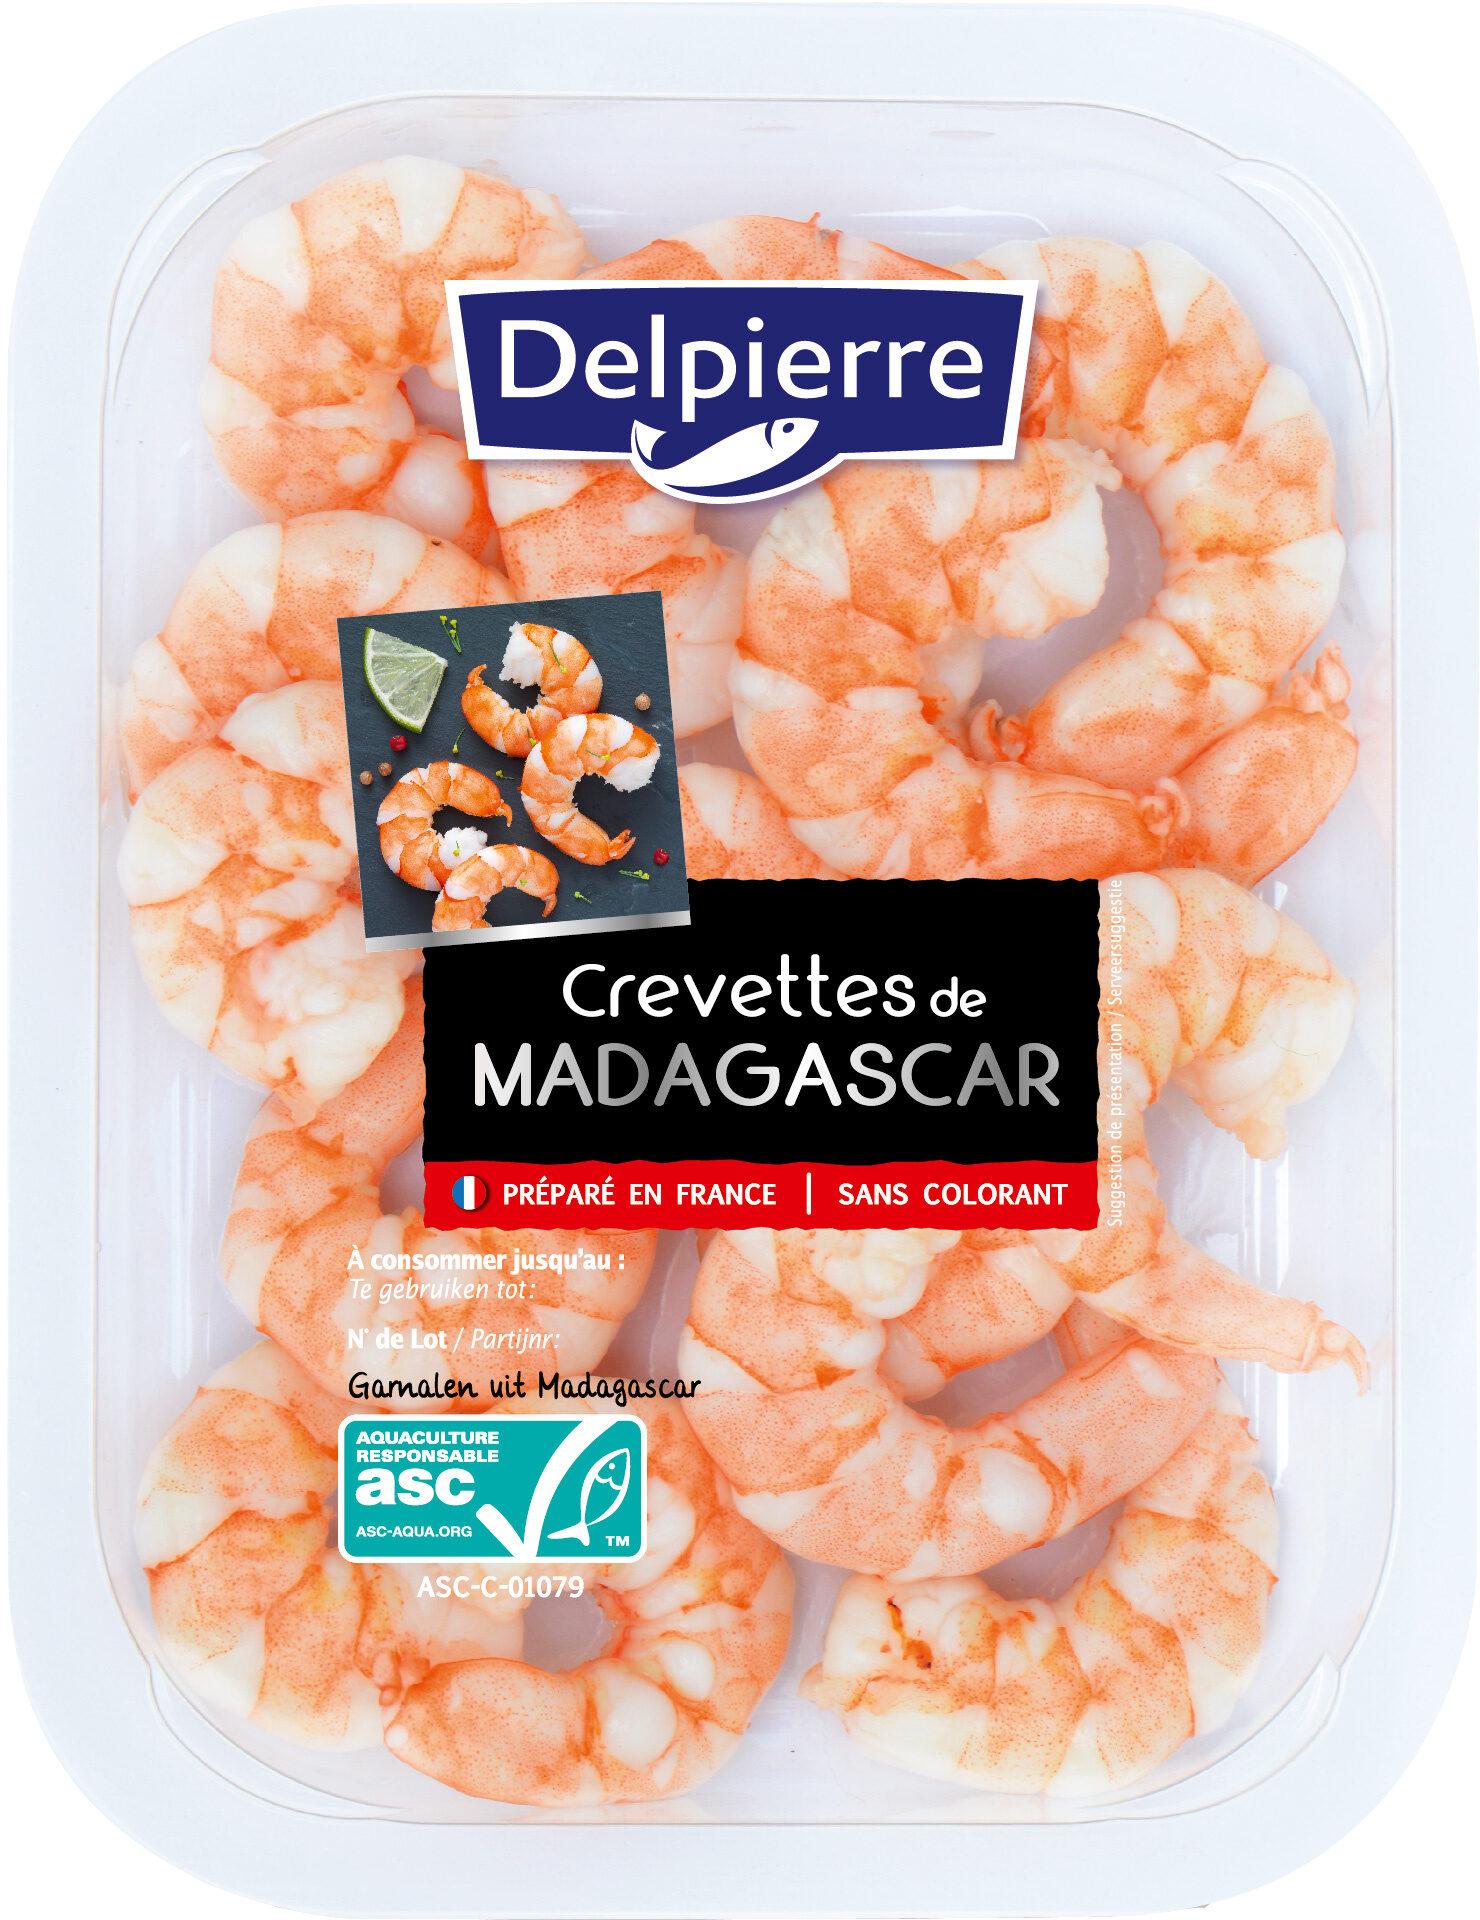 Crevettes décortiquées Madagascar - Product - fr